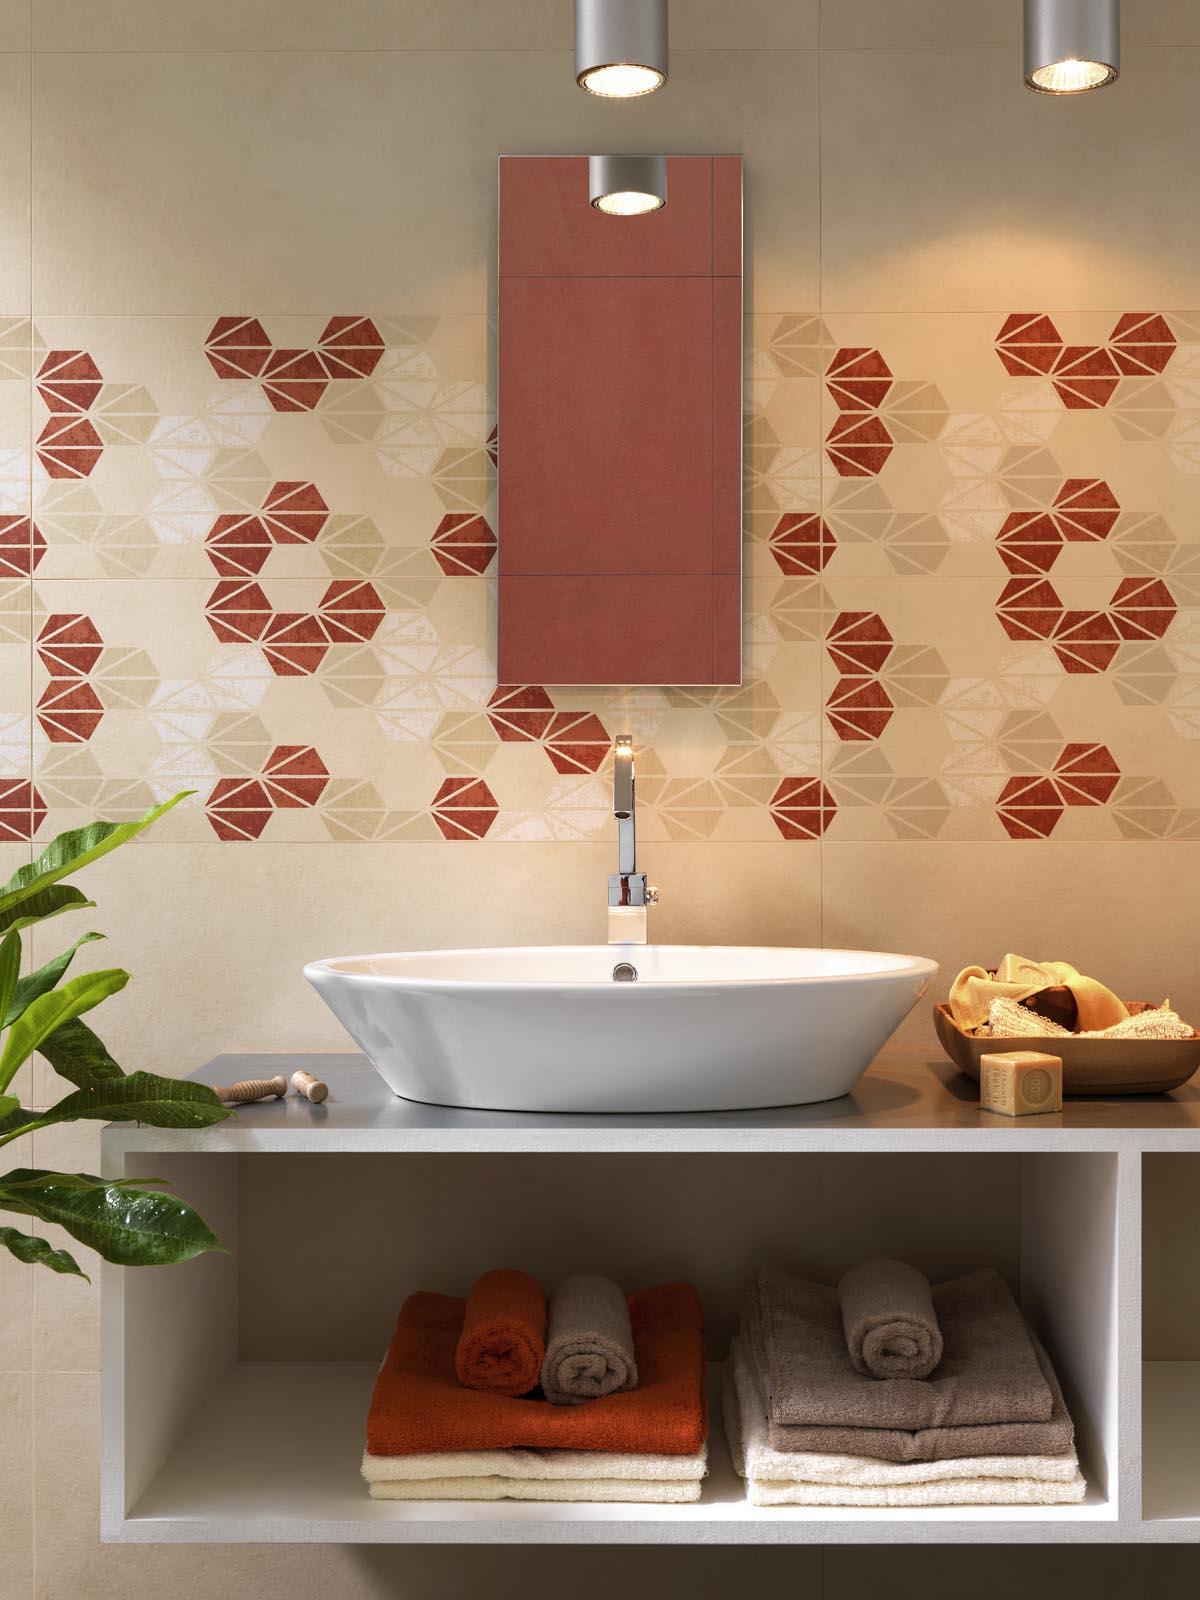 Oficina7 piastrelle rivestimento bagno marazzi - Piastrelle in bagno ...